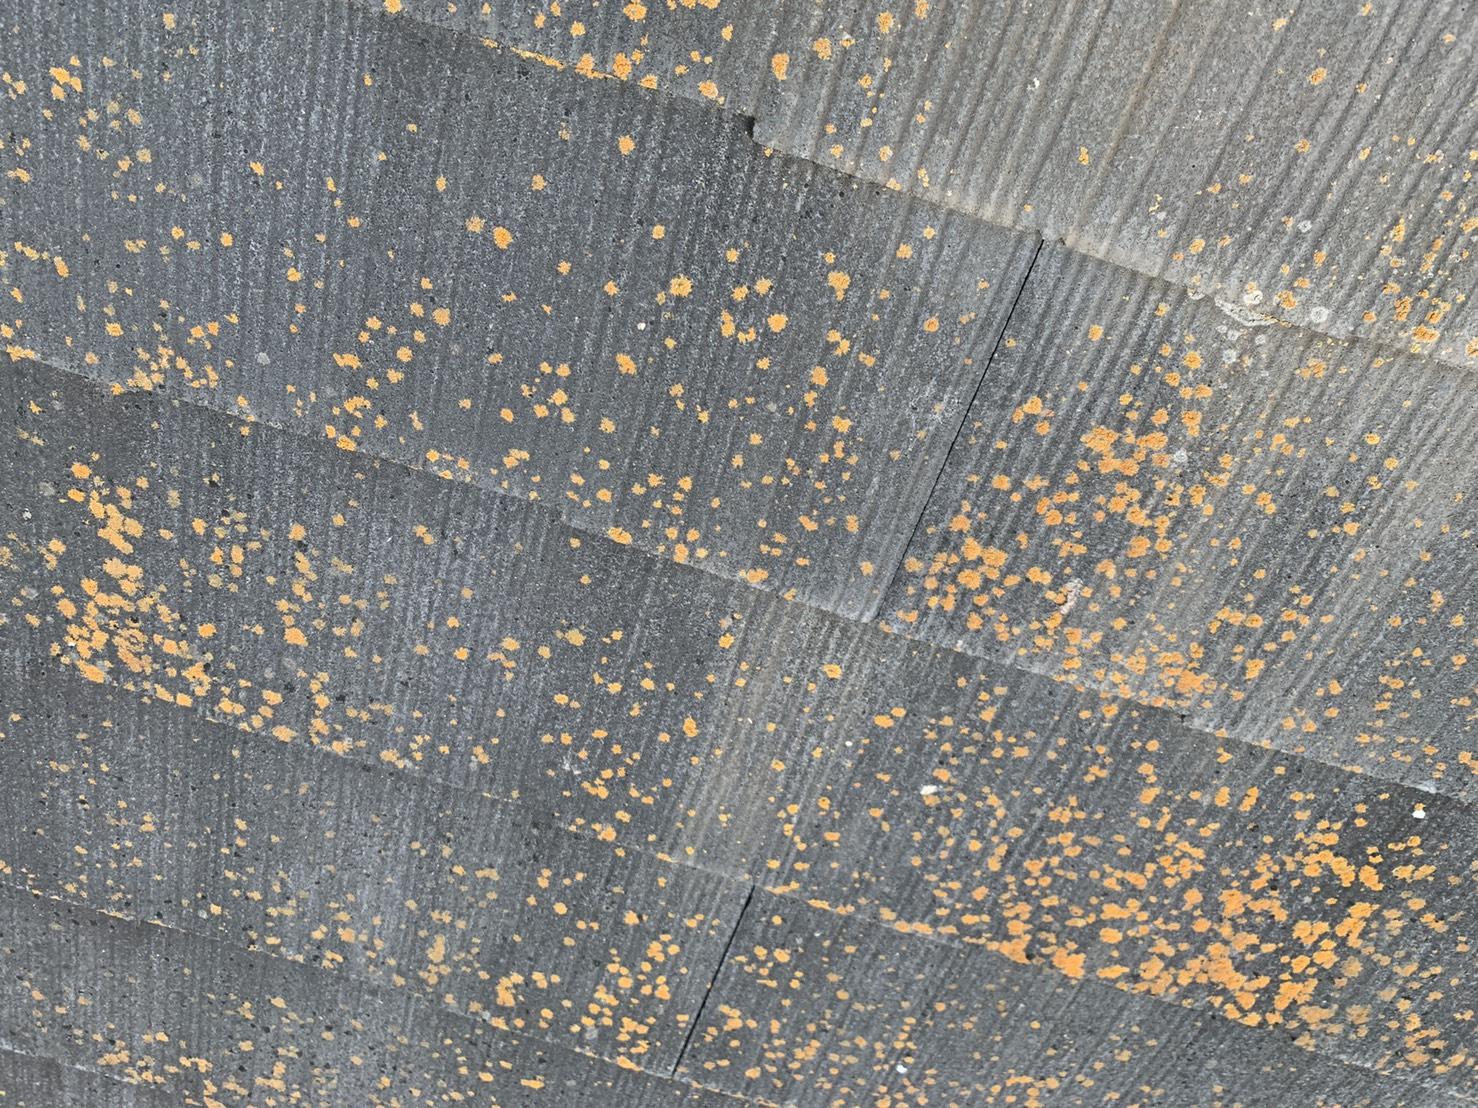 明石市での屋根診断でスレート屋根の表面に出来た苔の様子